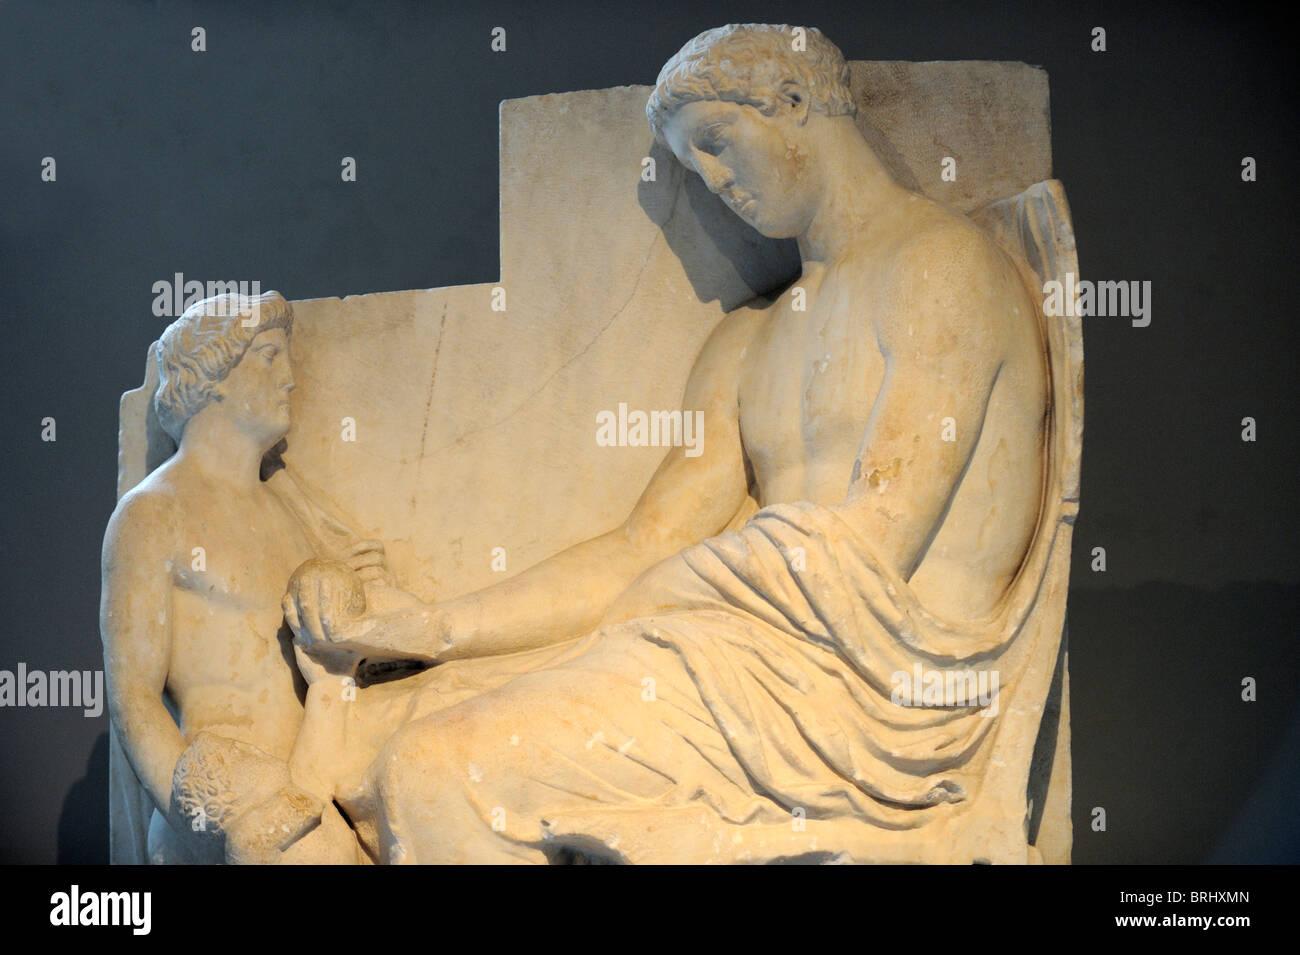 Escena de despedida final del siglo VI A.C. en el Museo Arqueológico de Estambul. Imagen De Stock